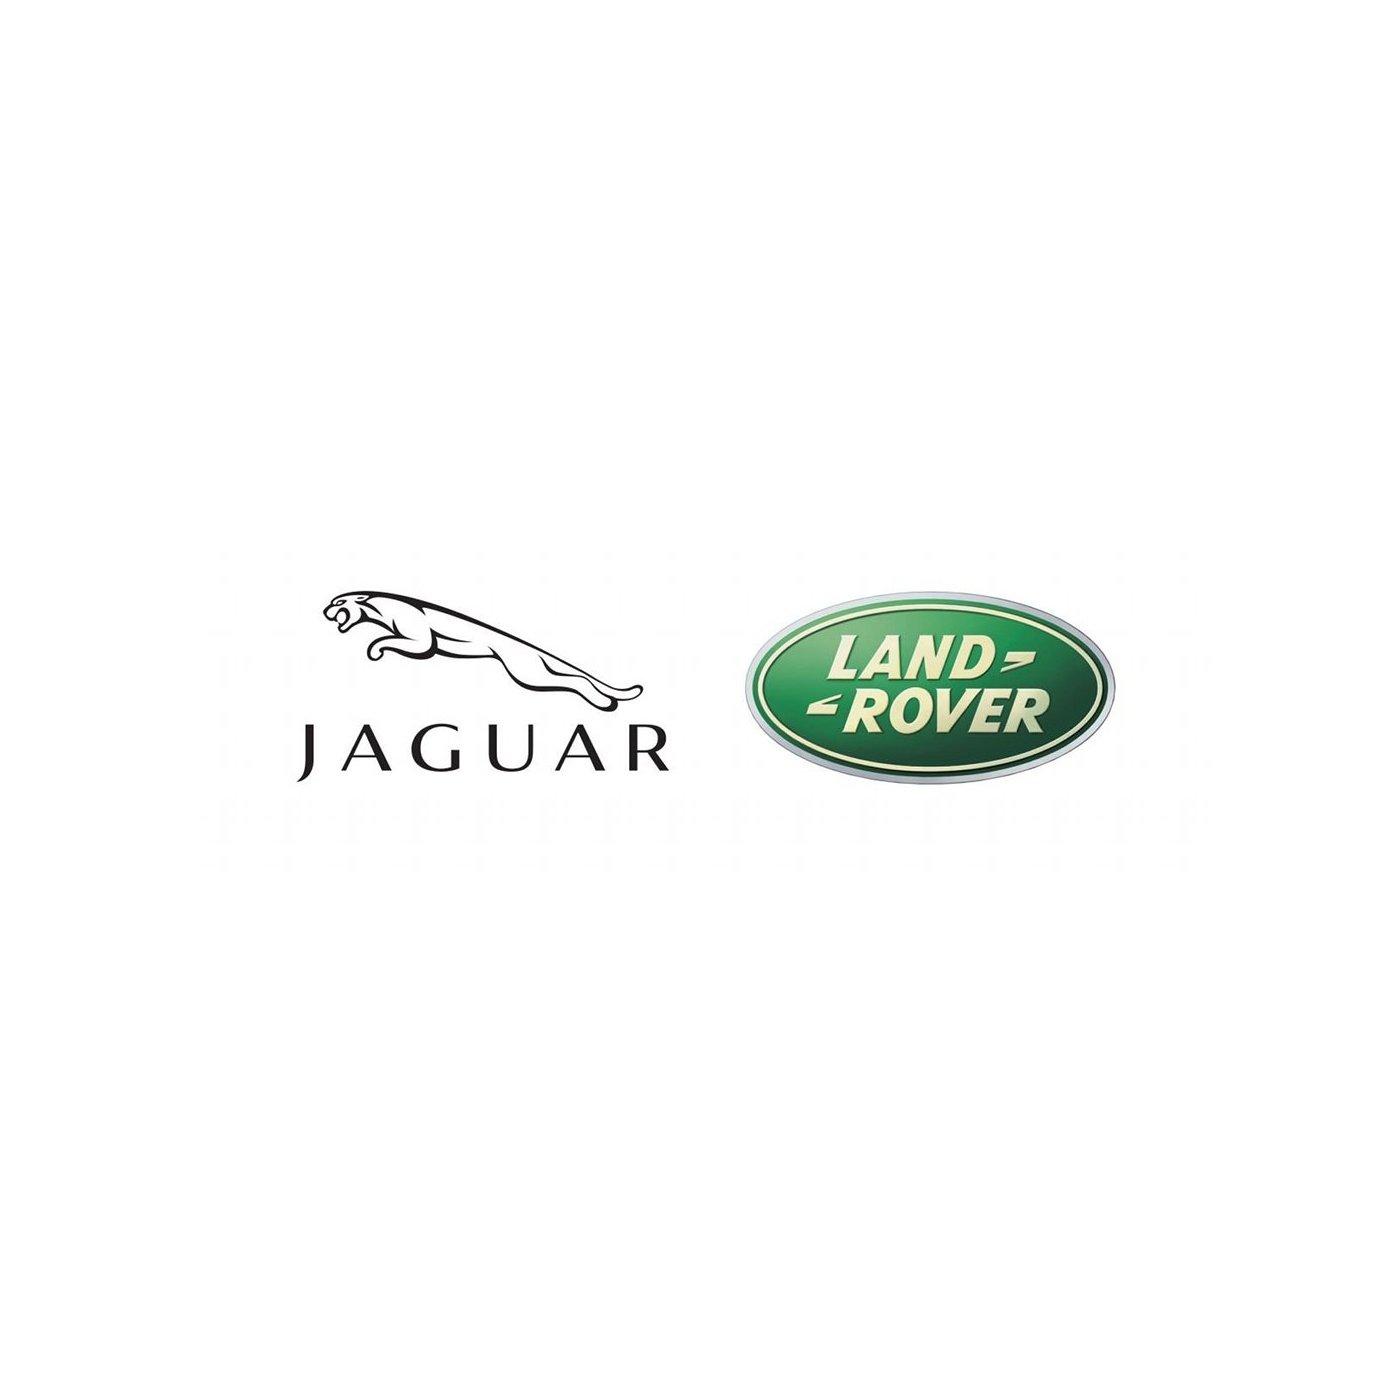 Jaguar Land Rover Appoints Four Senior Executives